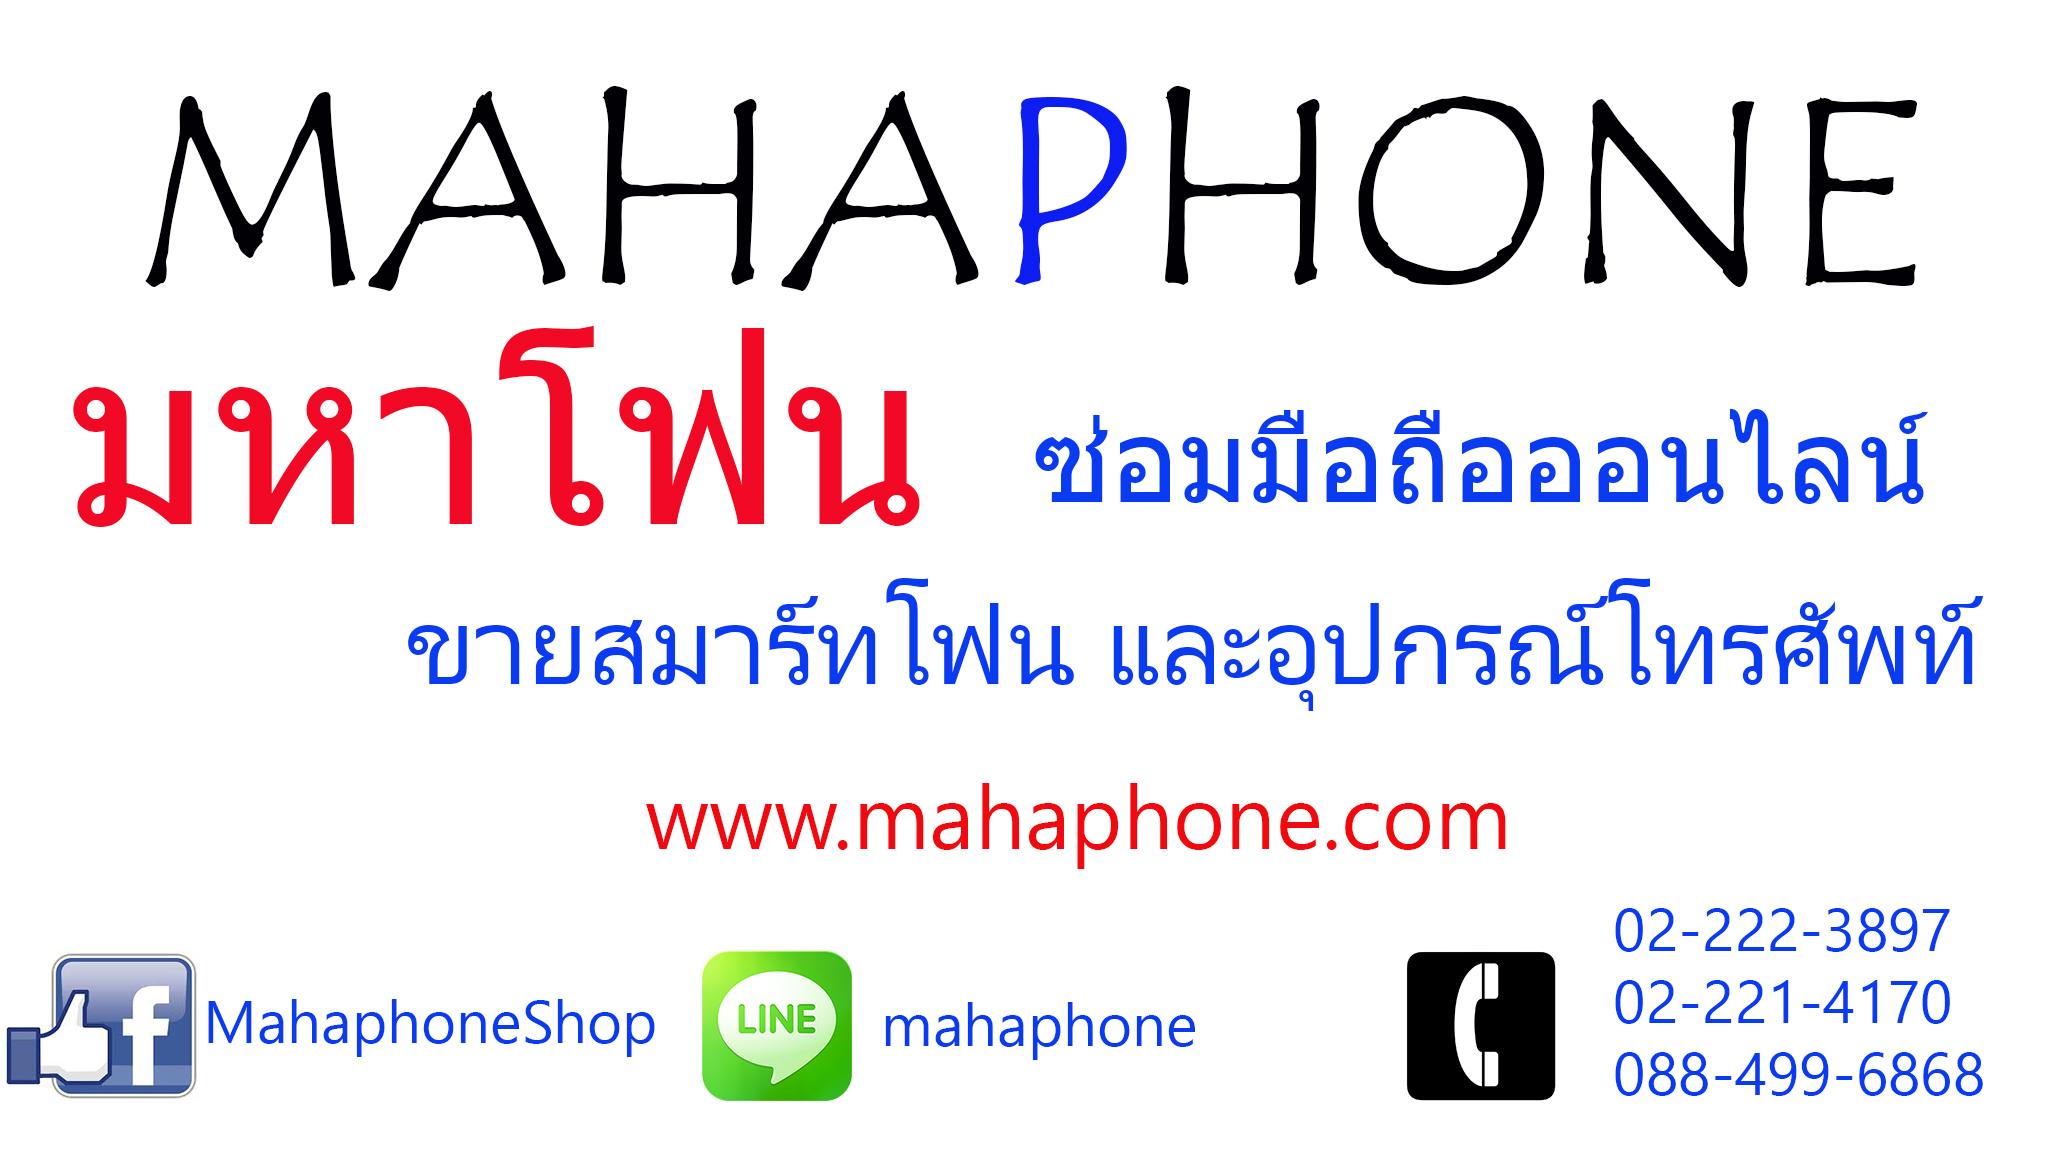 ซ่อมโทรศัพท์มือถือ